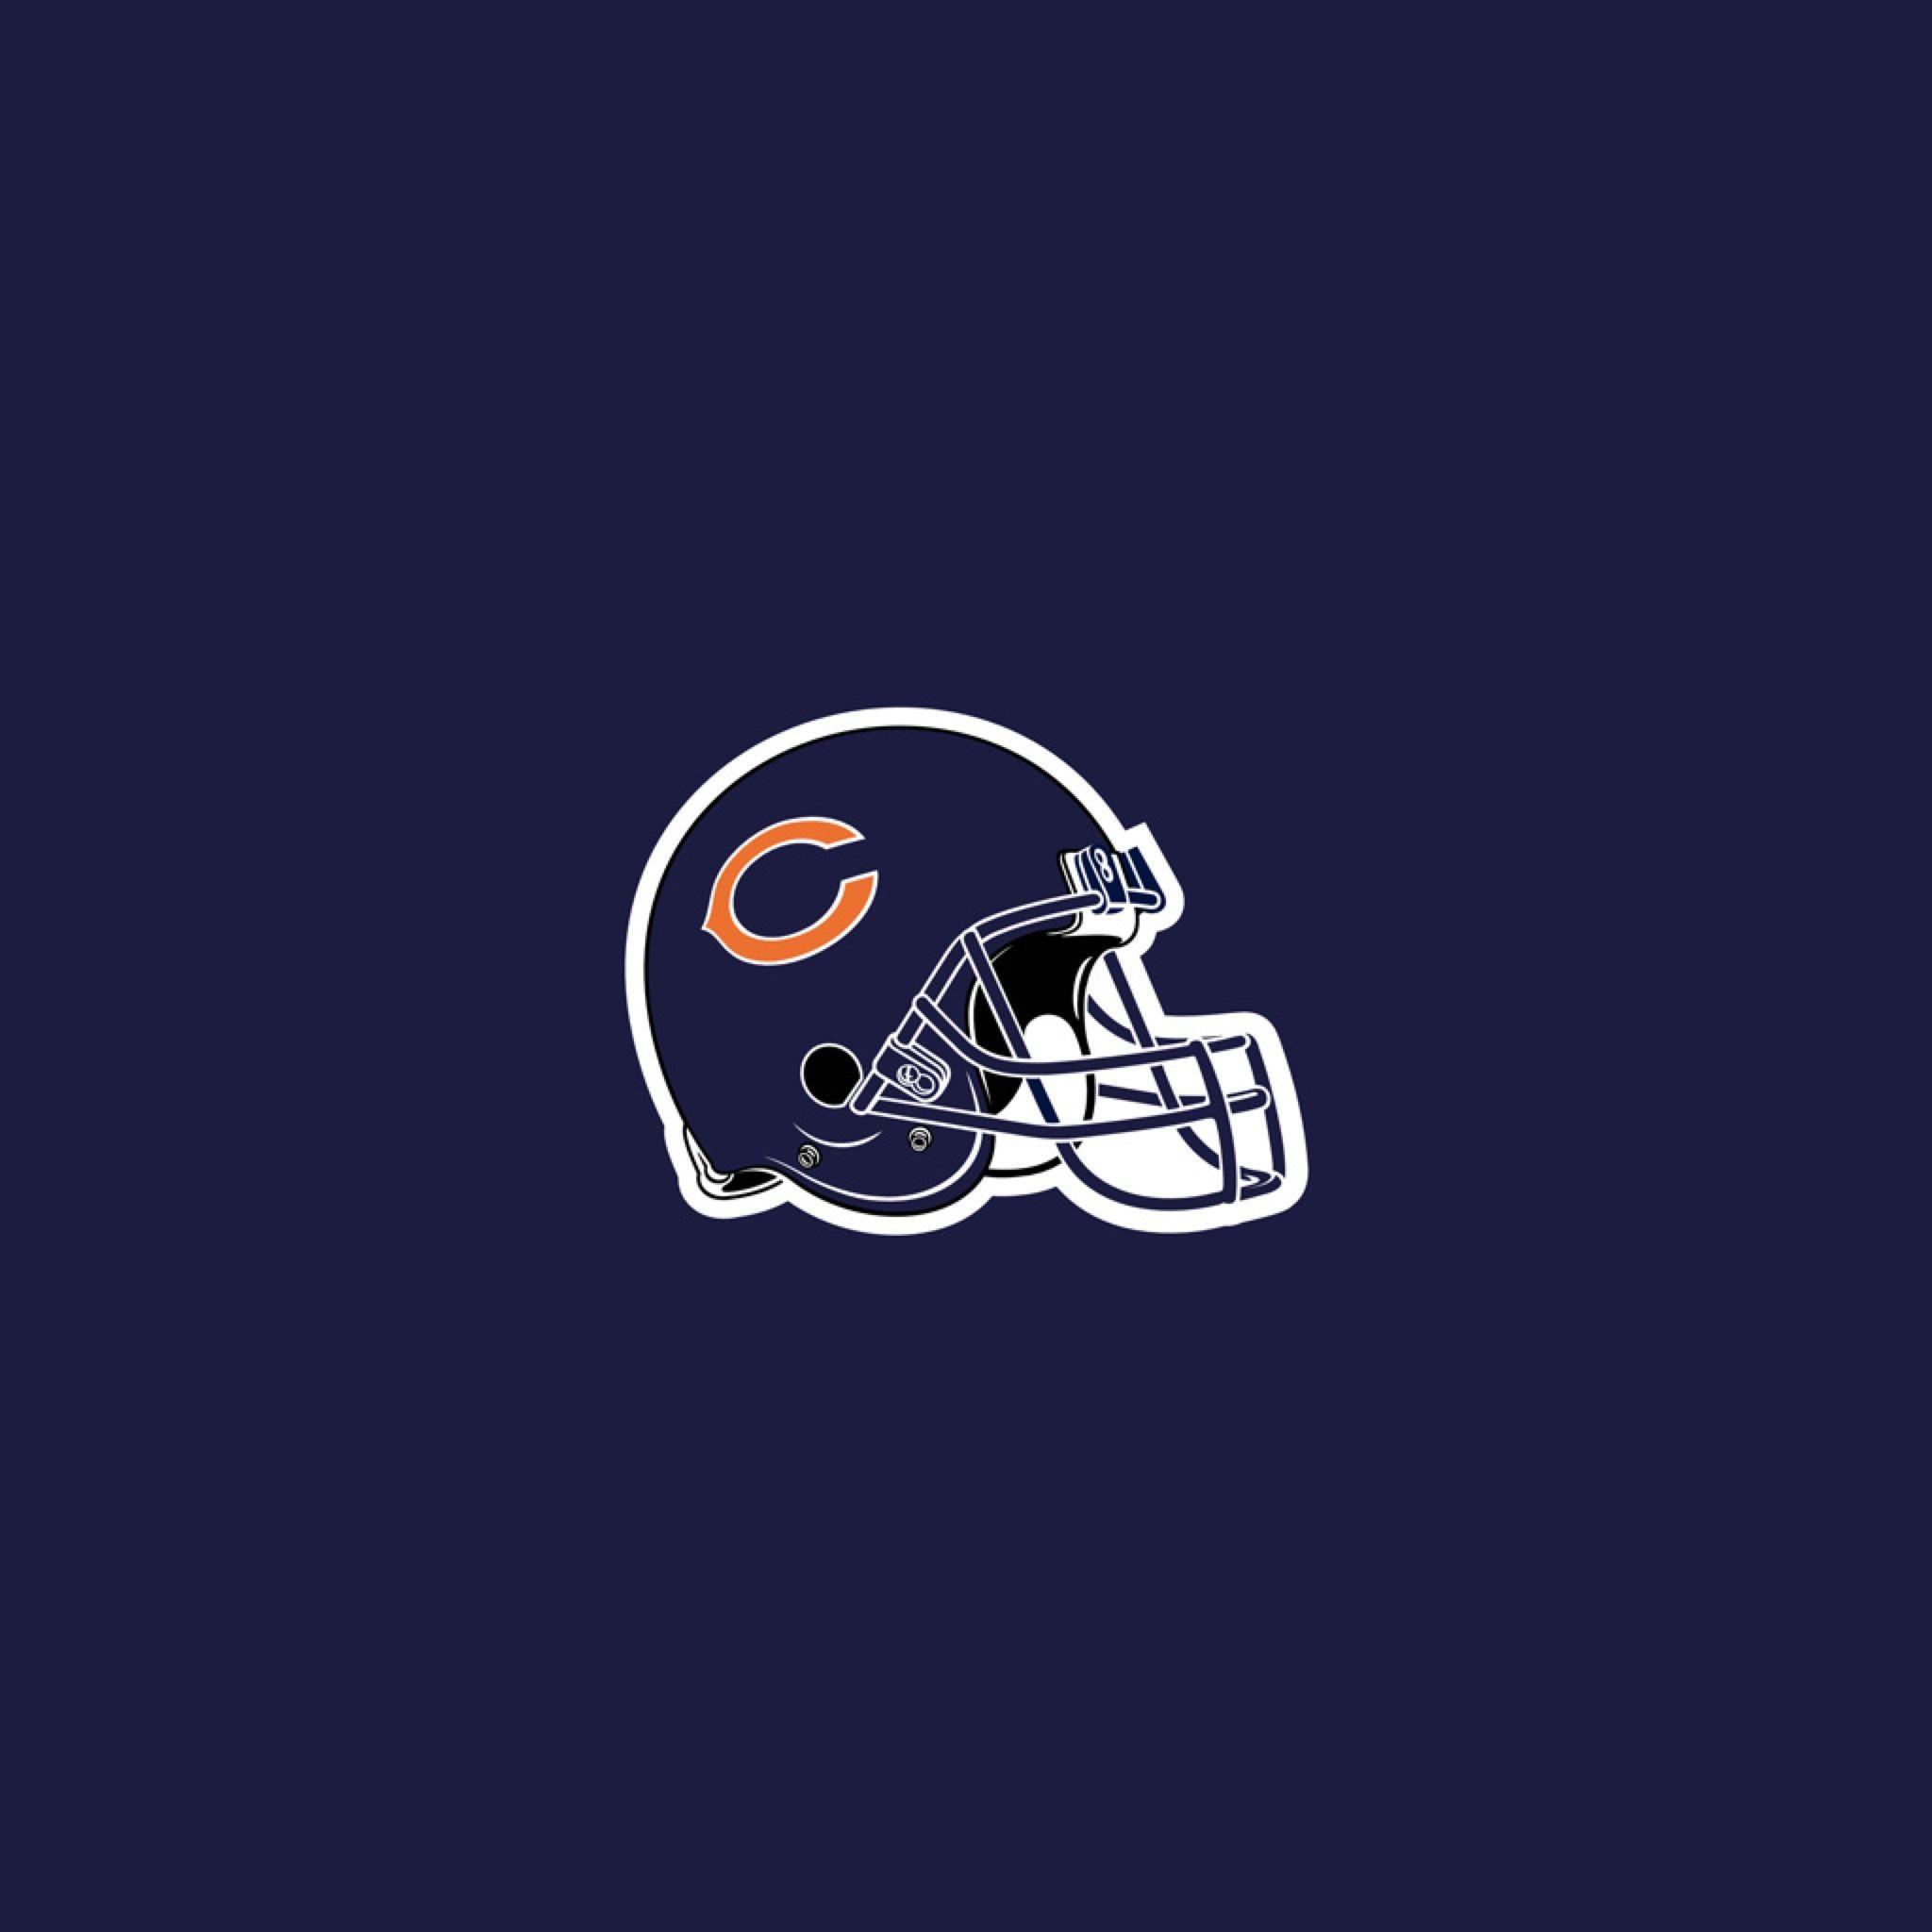 Download Chicago Bears Helmet iPad Wallpaper HD | nfl | Pinterest